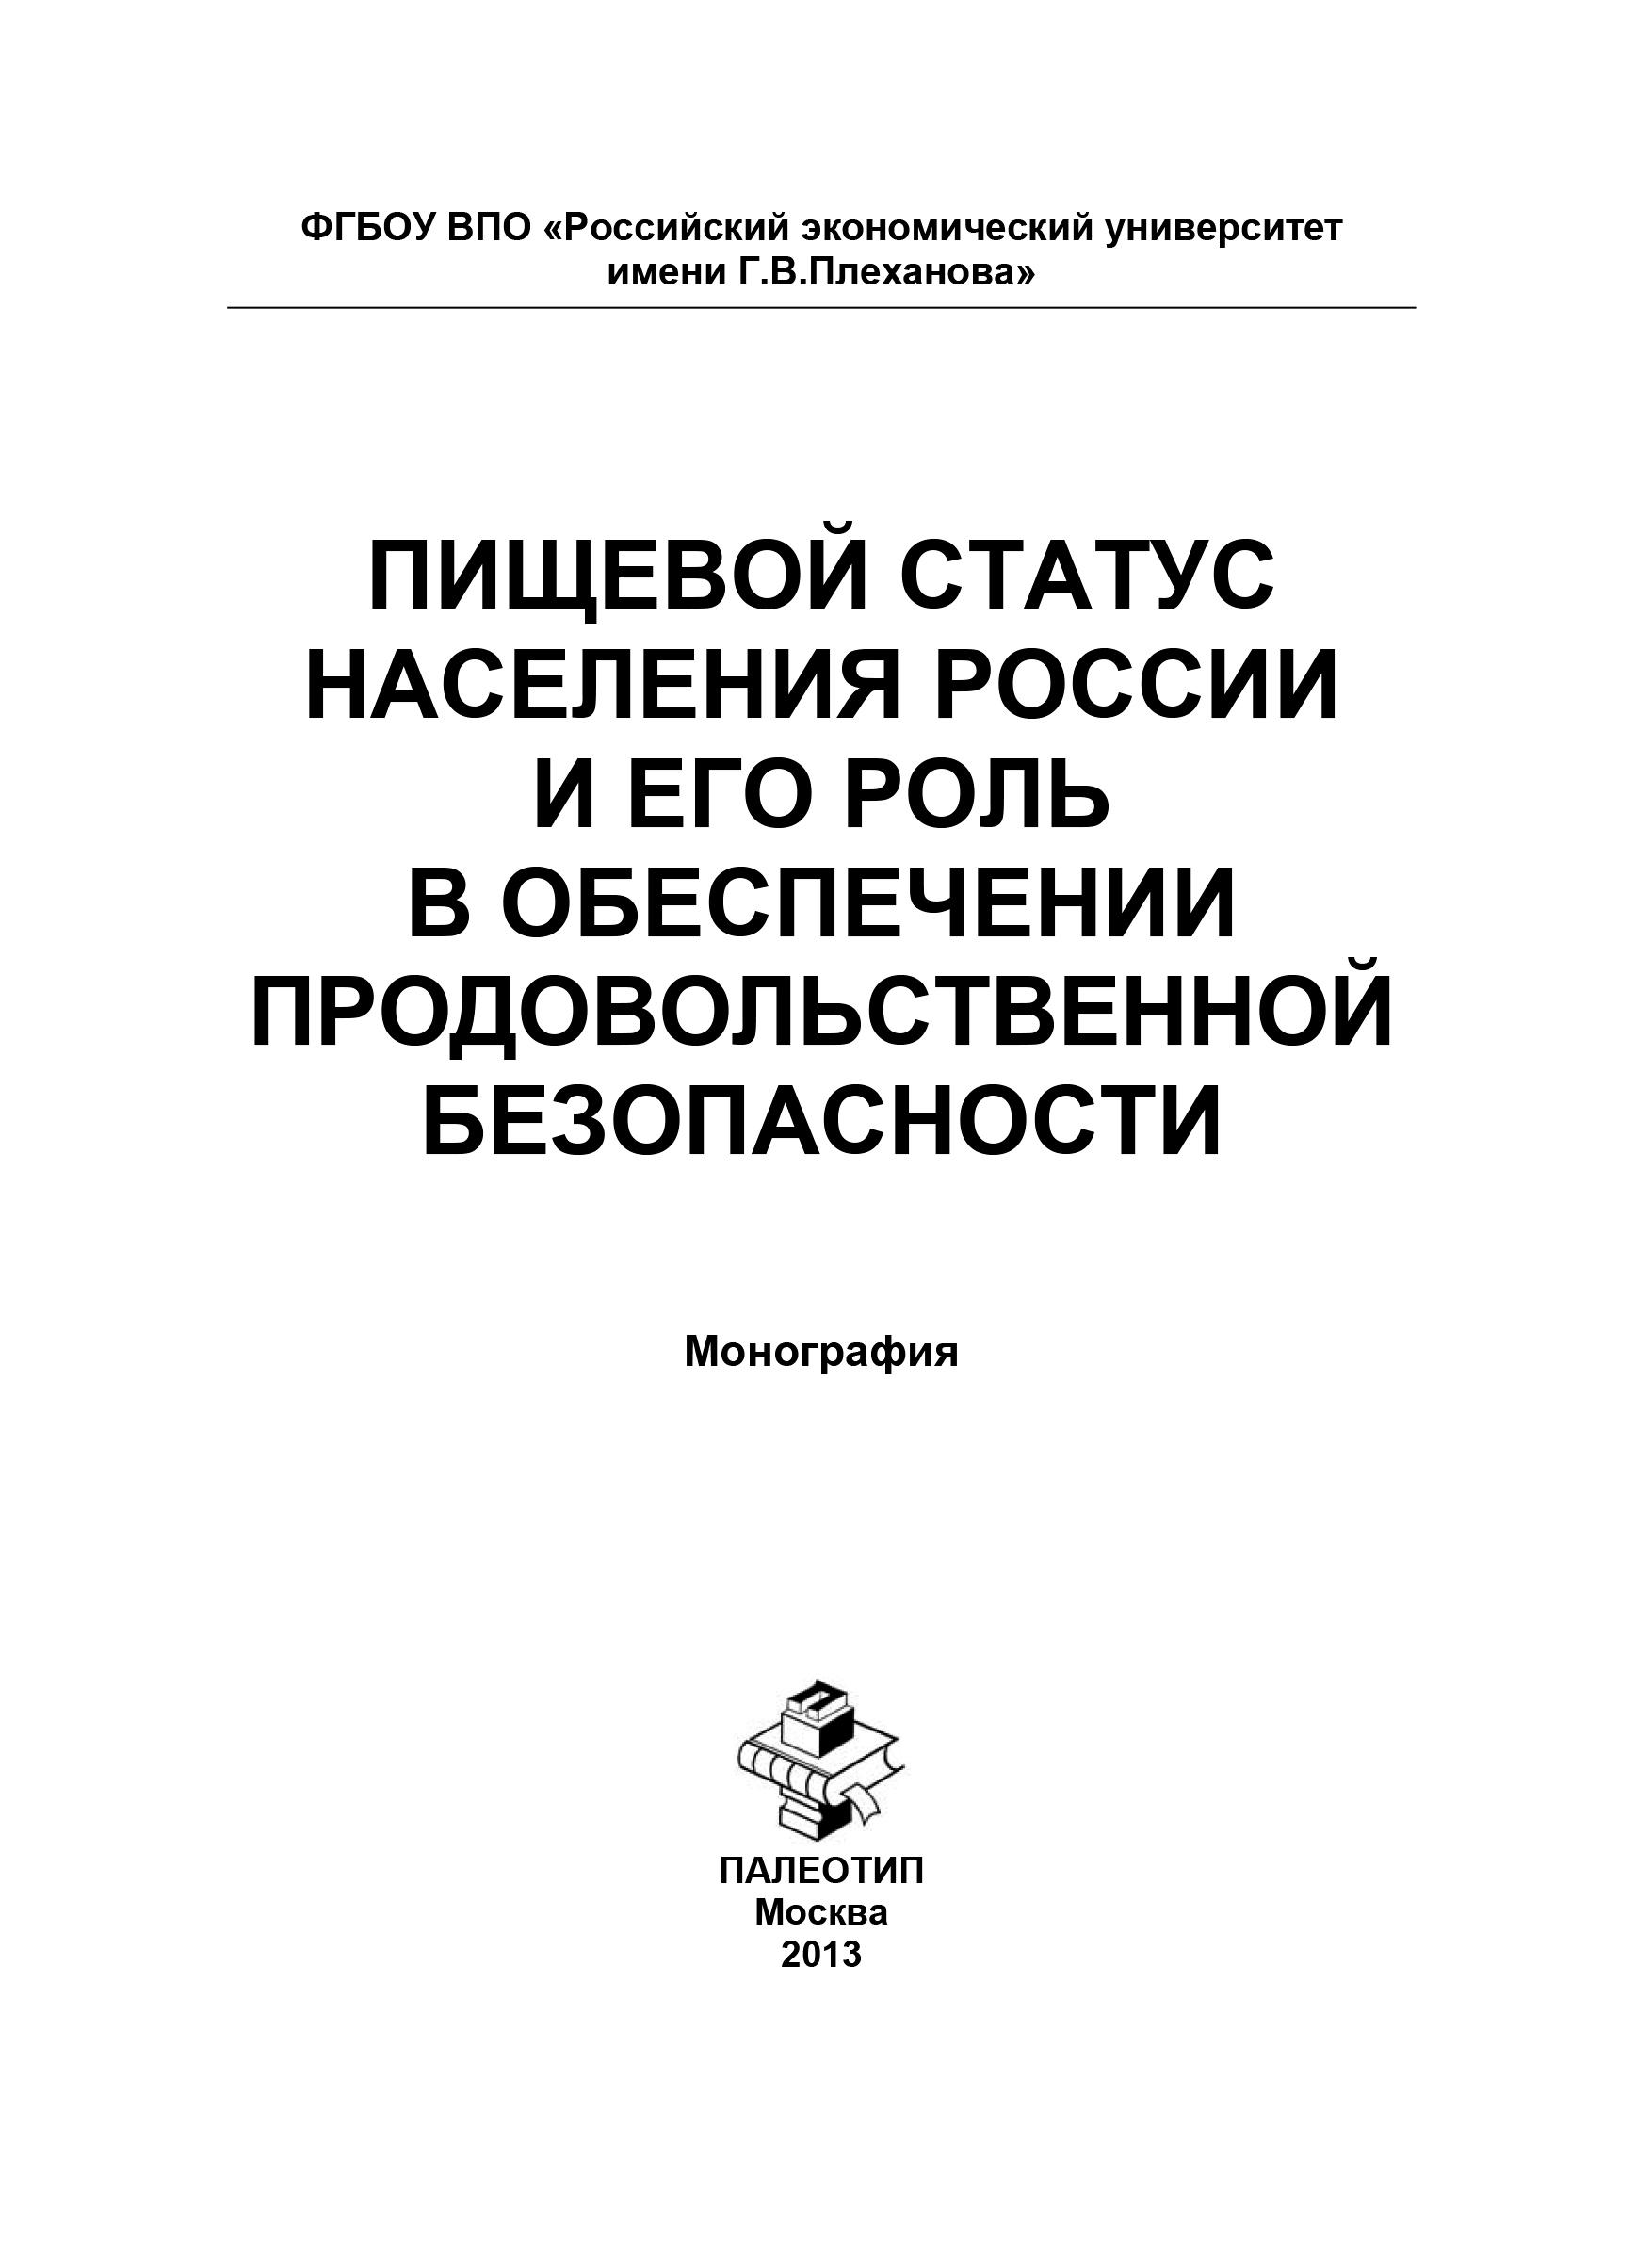 Пищевой статус населения России и его роль в обеспечении продовольственной безопасности